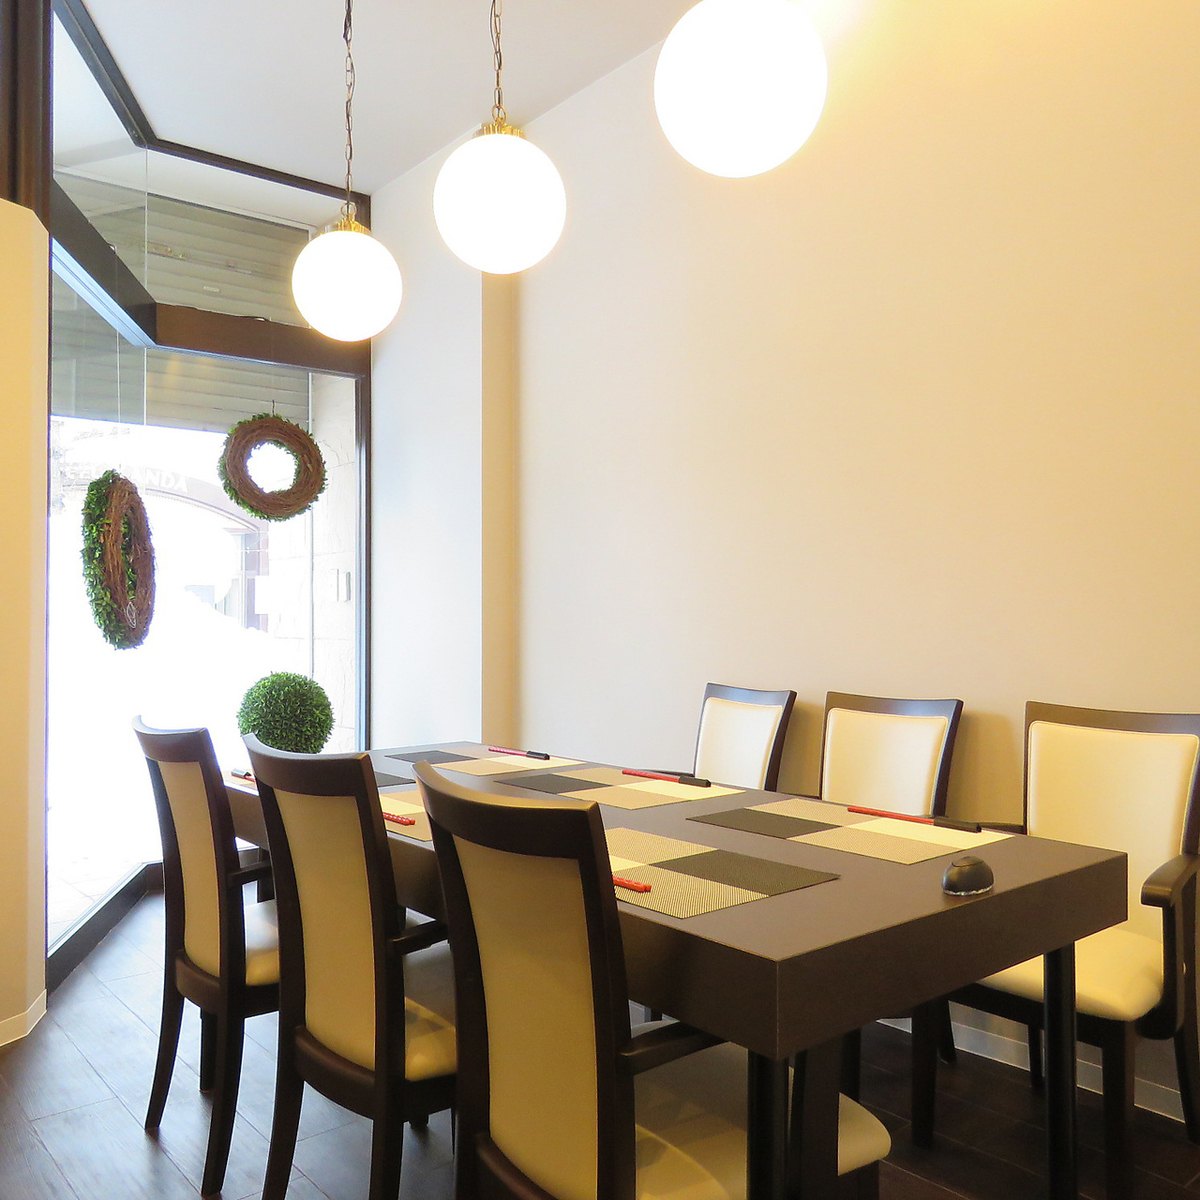 每間單人間可供2人入住。天花板是一個帶柱廊的私人房間。